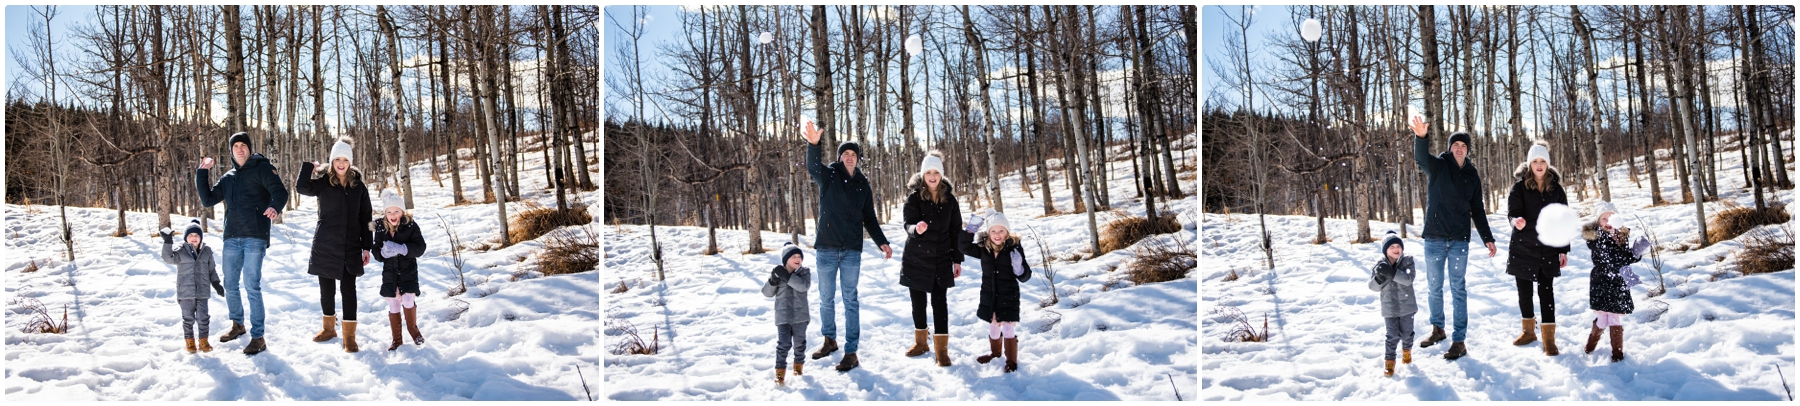 Calgary Snowball Fight Family Photos